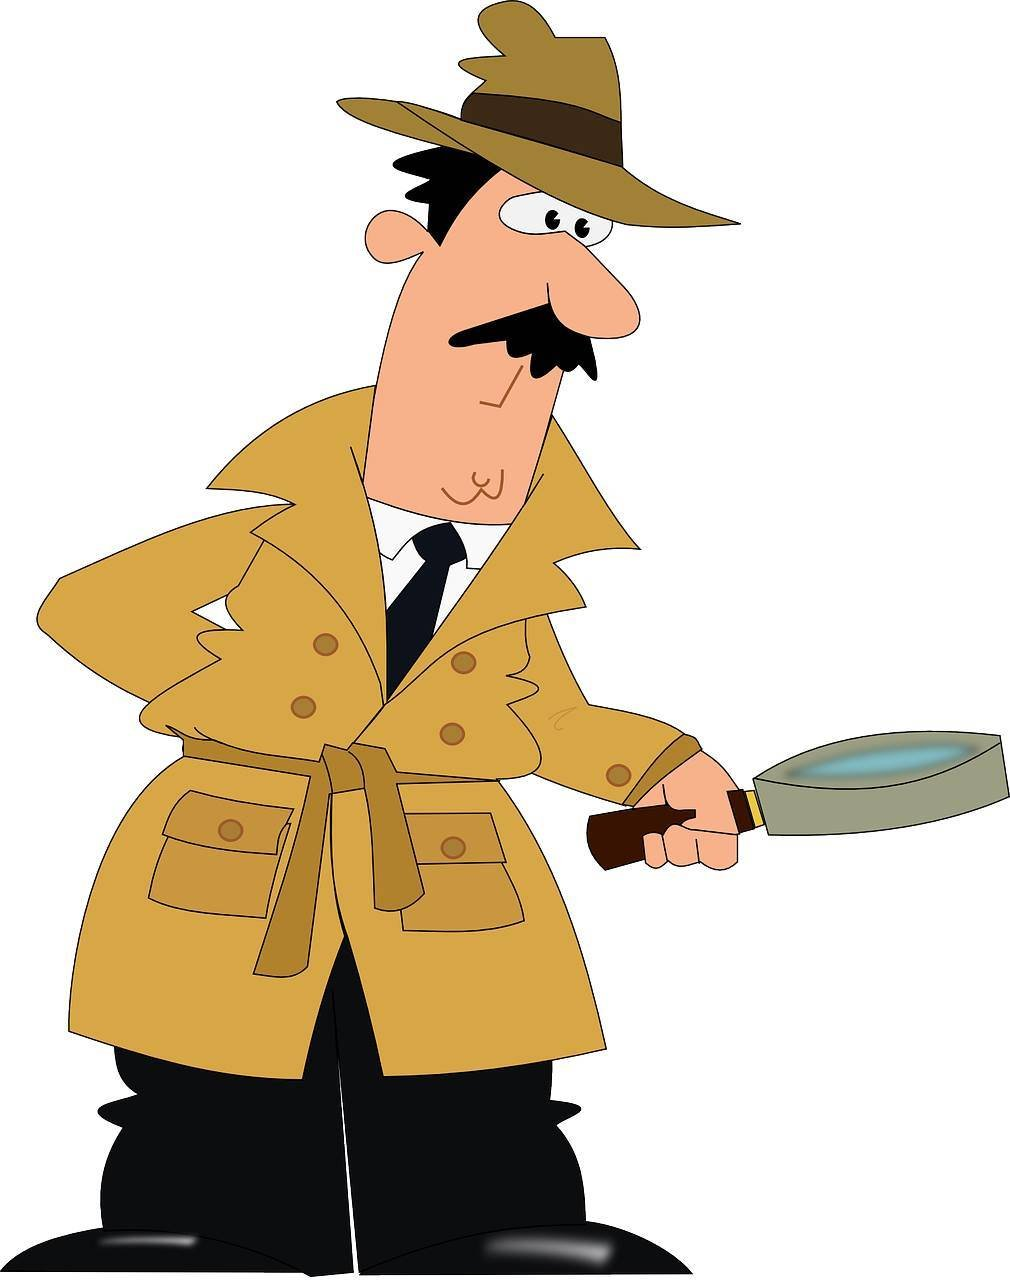 Prywatny Detektyw ,Biuro detektywistyczne DETEGO szybko,profesjonalnie i skutecznie!